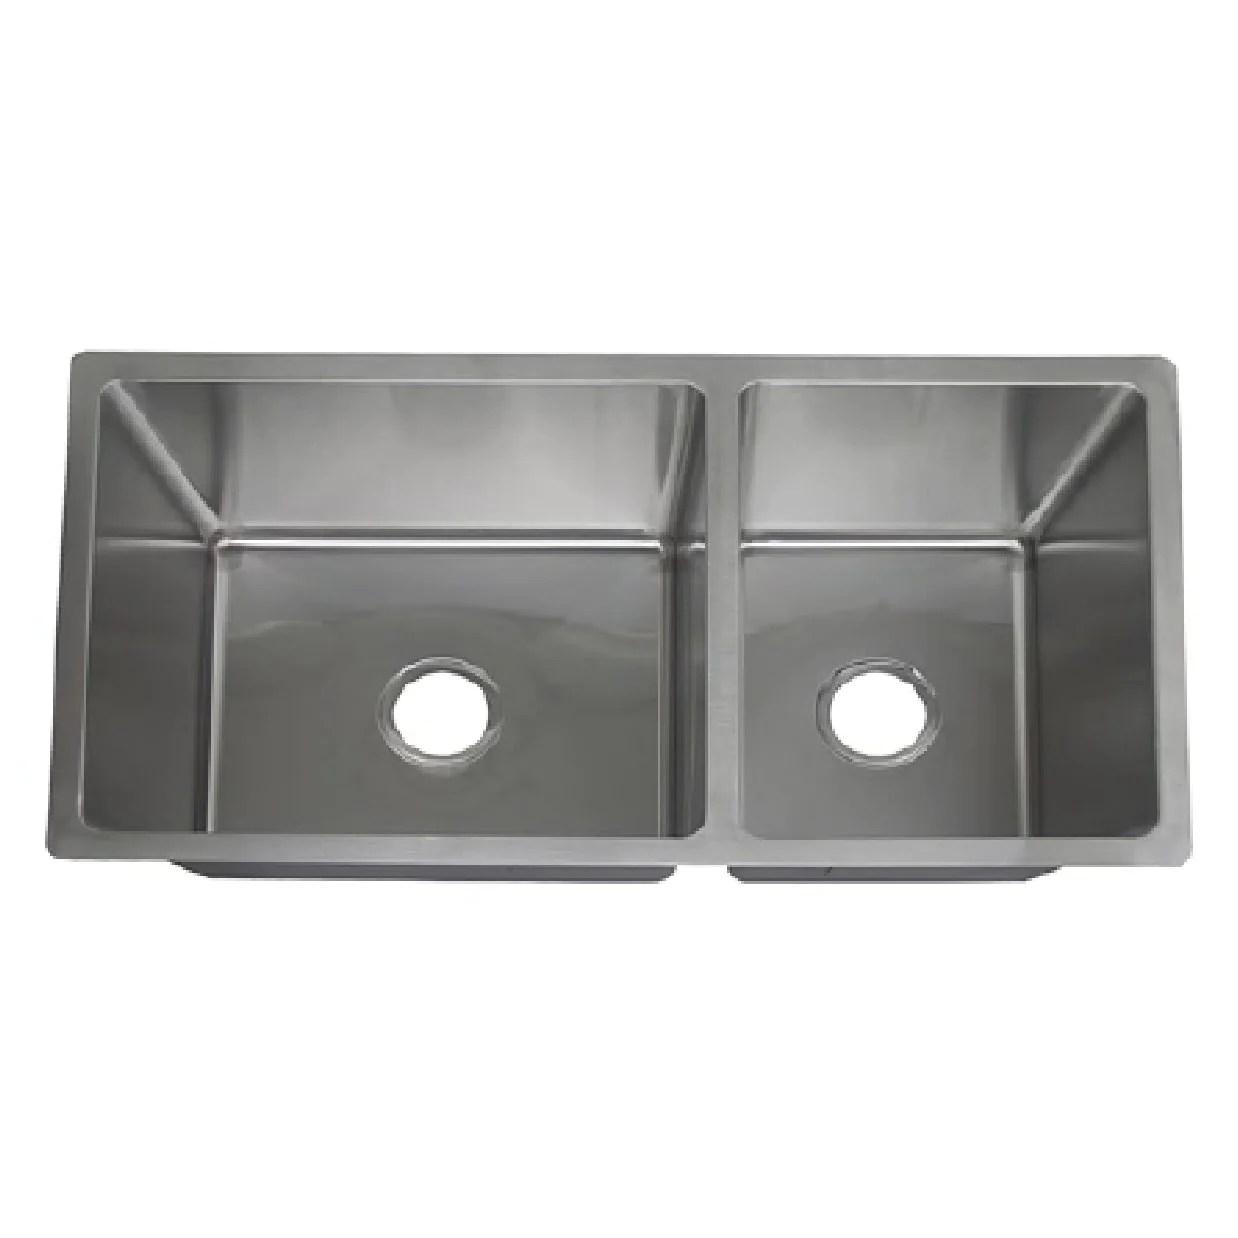 kitchen sink stainless steel saniquo kitchen collection